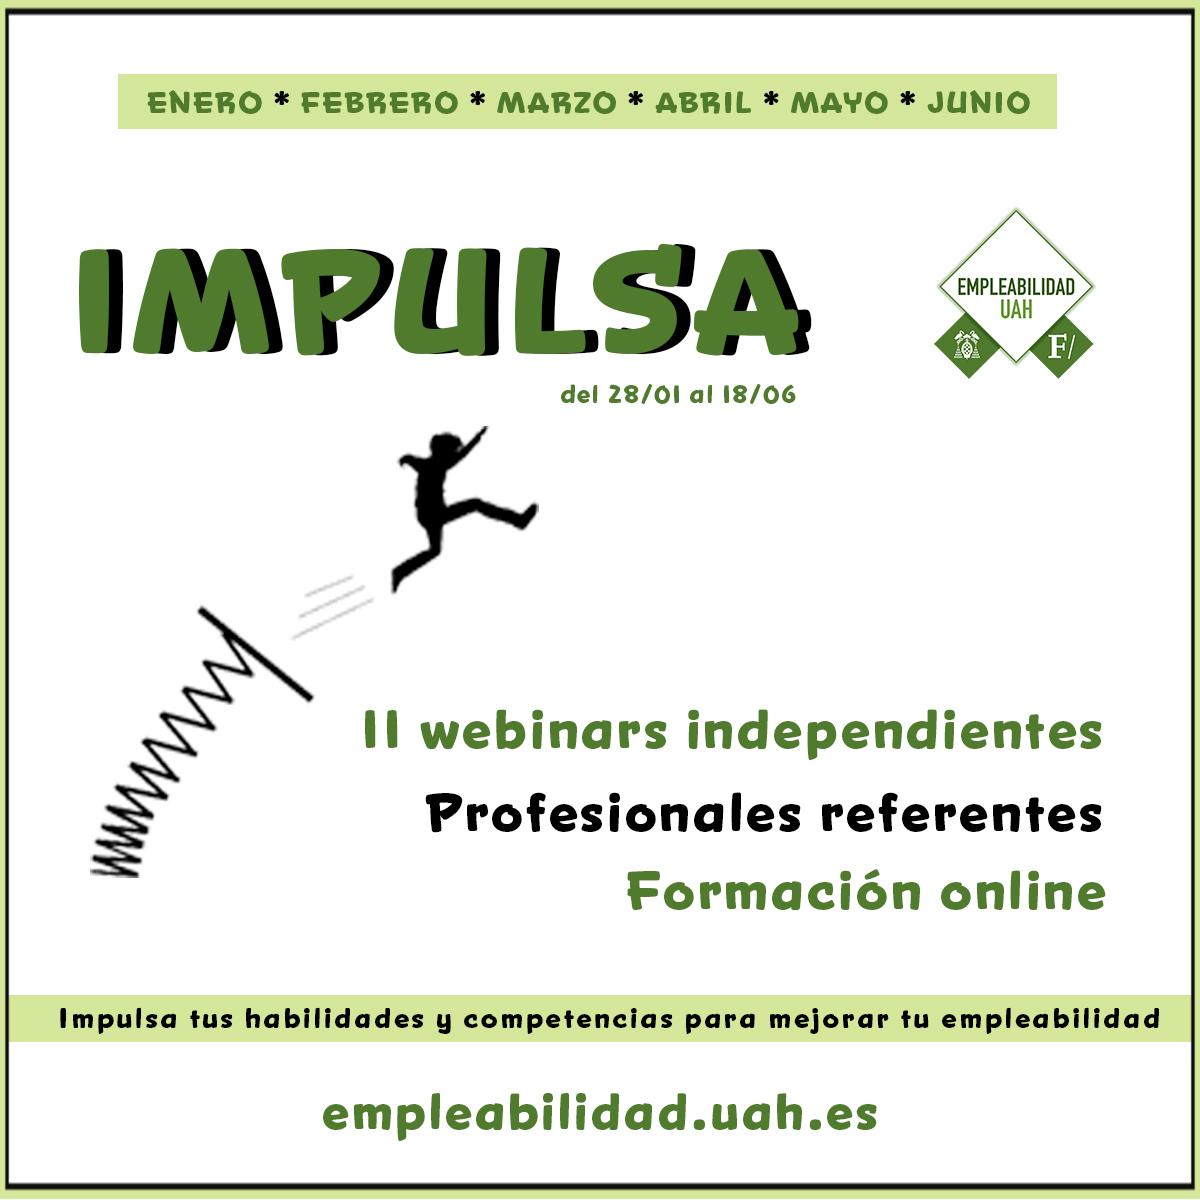 EmpleabilidadUAH_Ofertas de Empleo